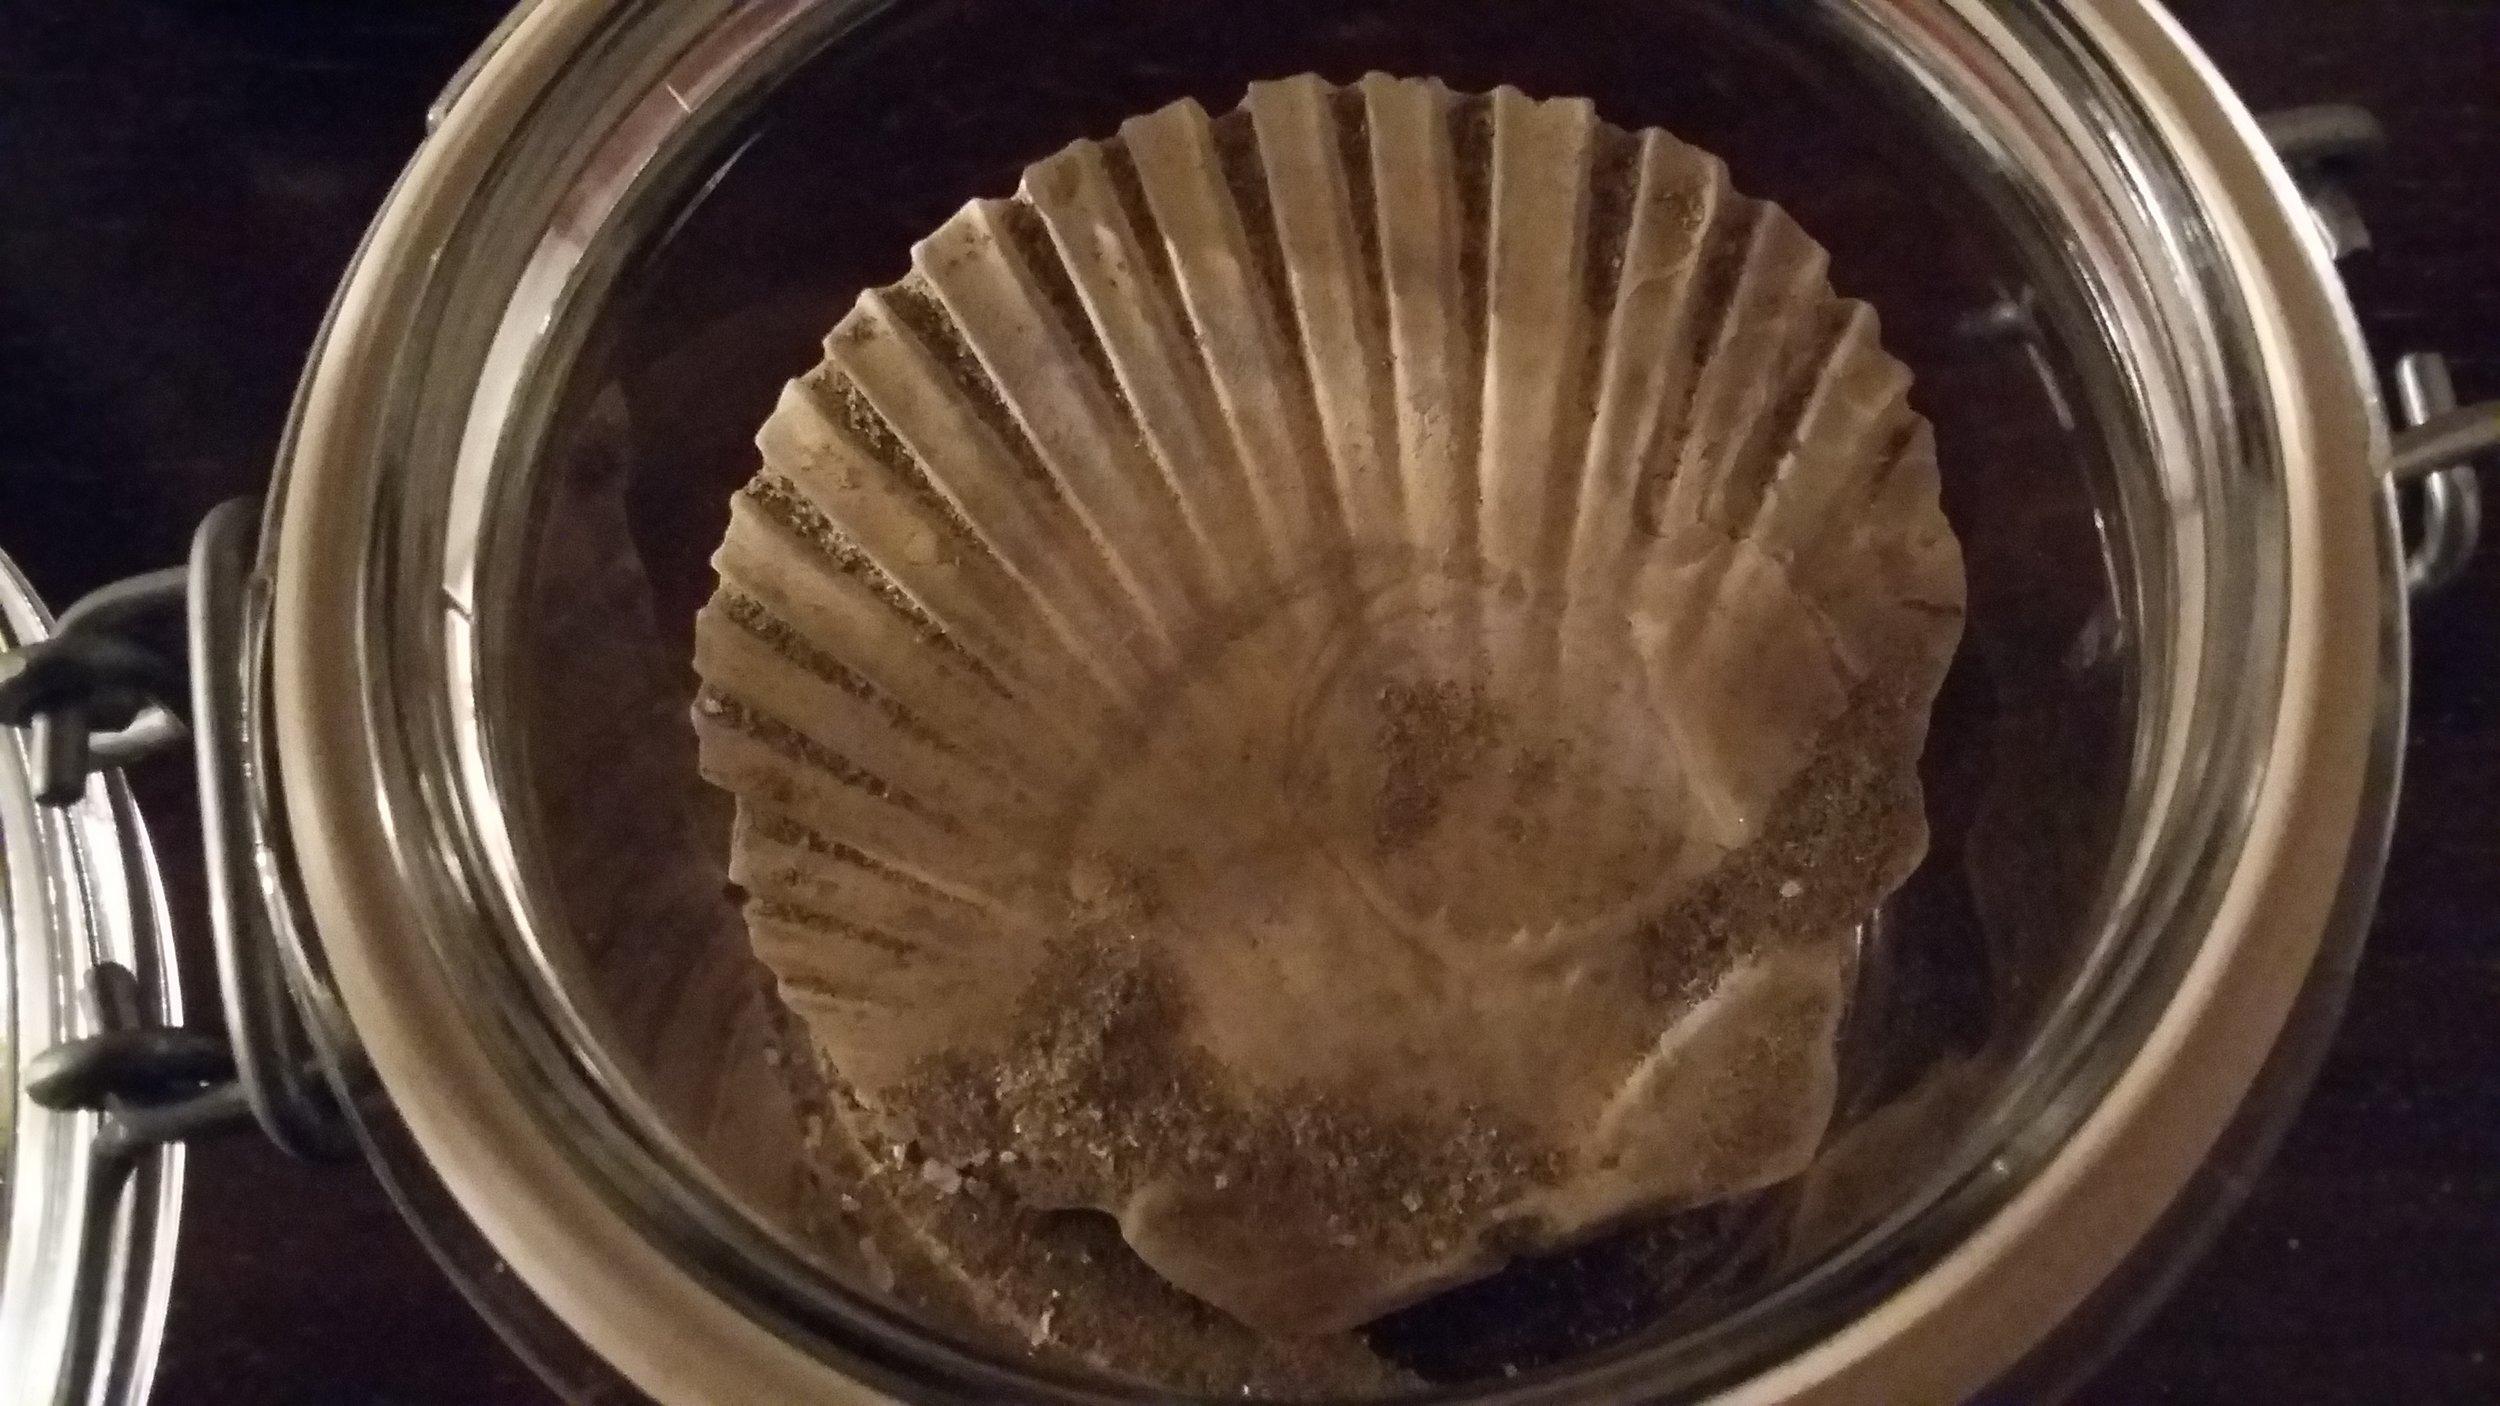 La conchiglia conservata in un vasetto.